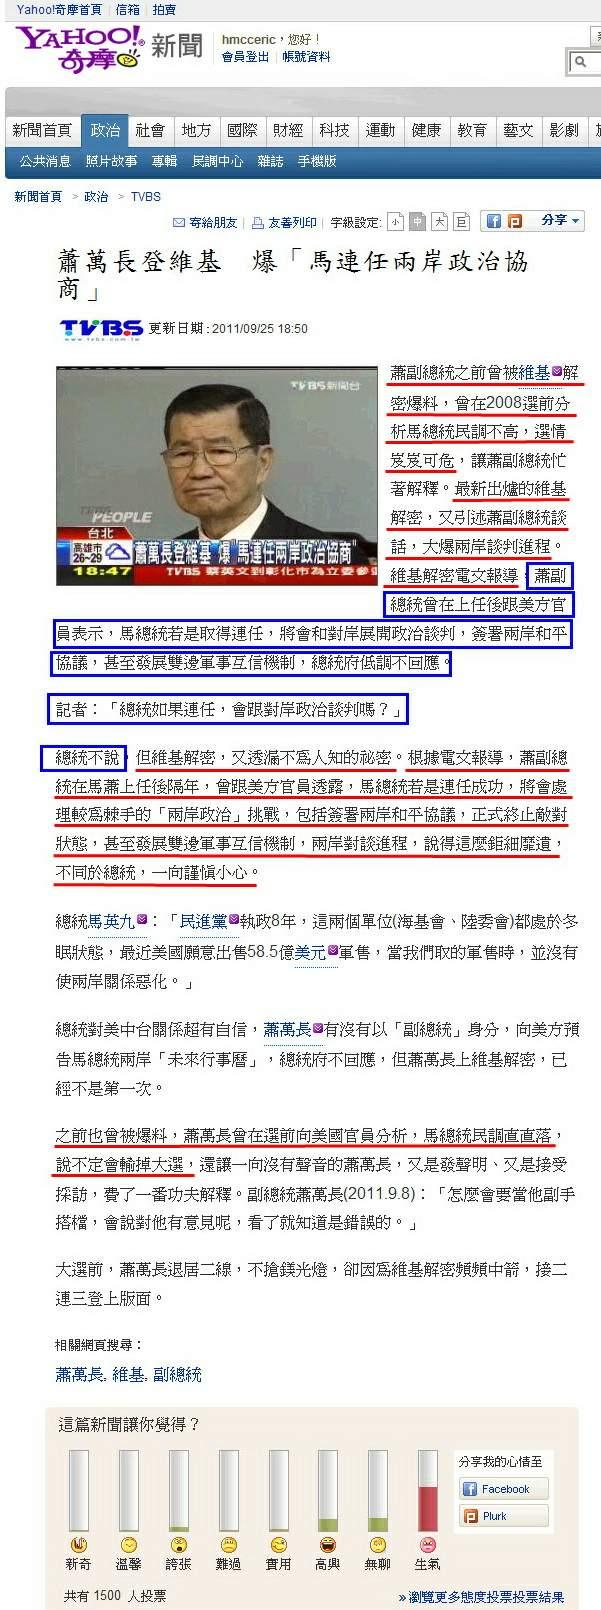 蕭萬長登維基 爆「馬連任兩岸政治協商」-2011.09.25.jpg